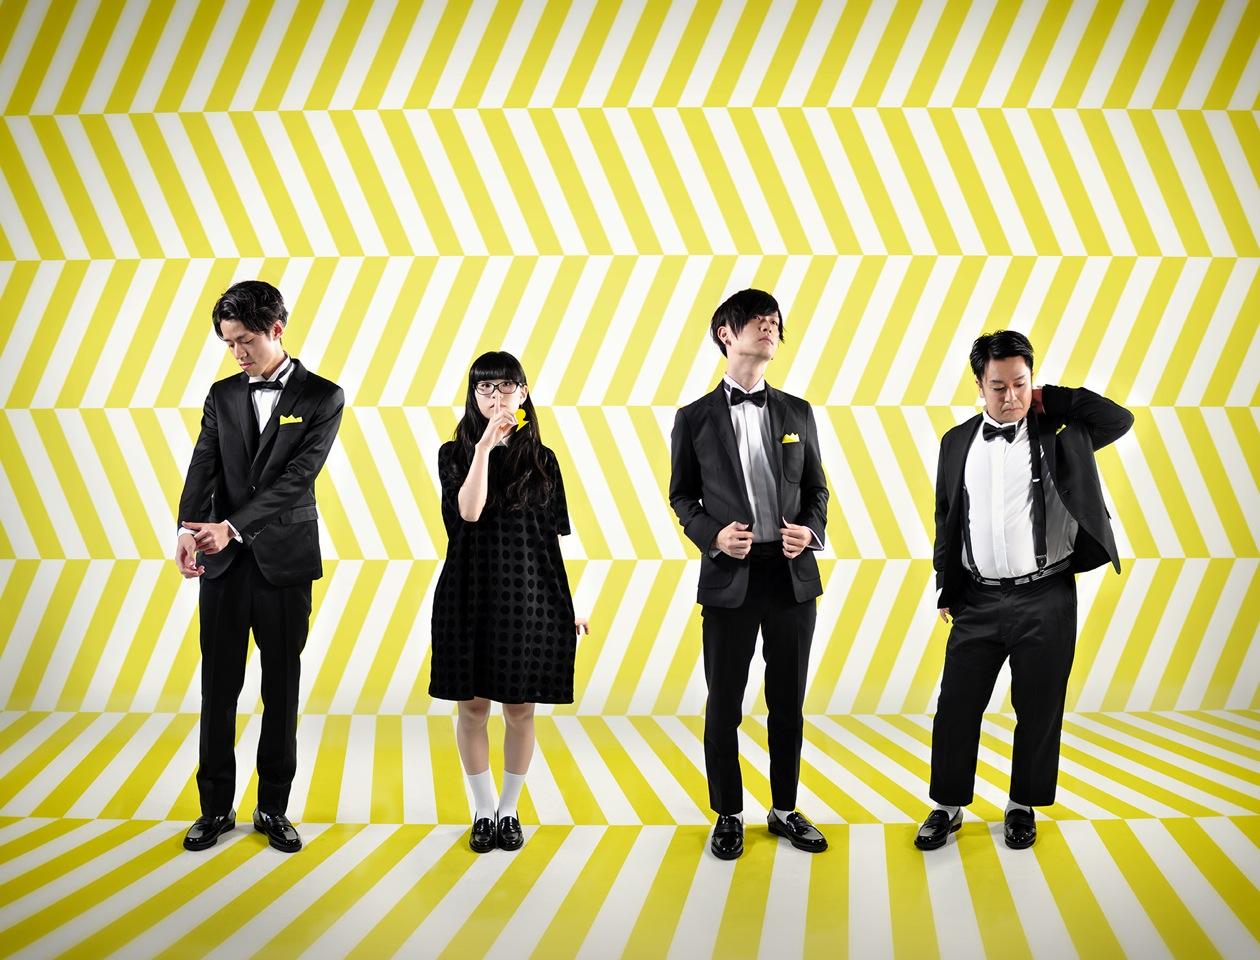 L→R タイヘイ(Dr)、ヤギヌマ カナ(Vo&Gu)、シミズ コウヘイ(Gu&MC)、ヨシヤマ・グルービー・ジュン(Ba)